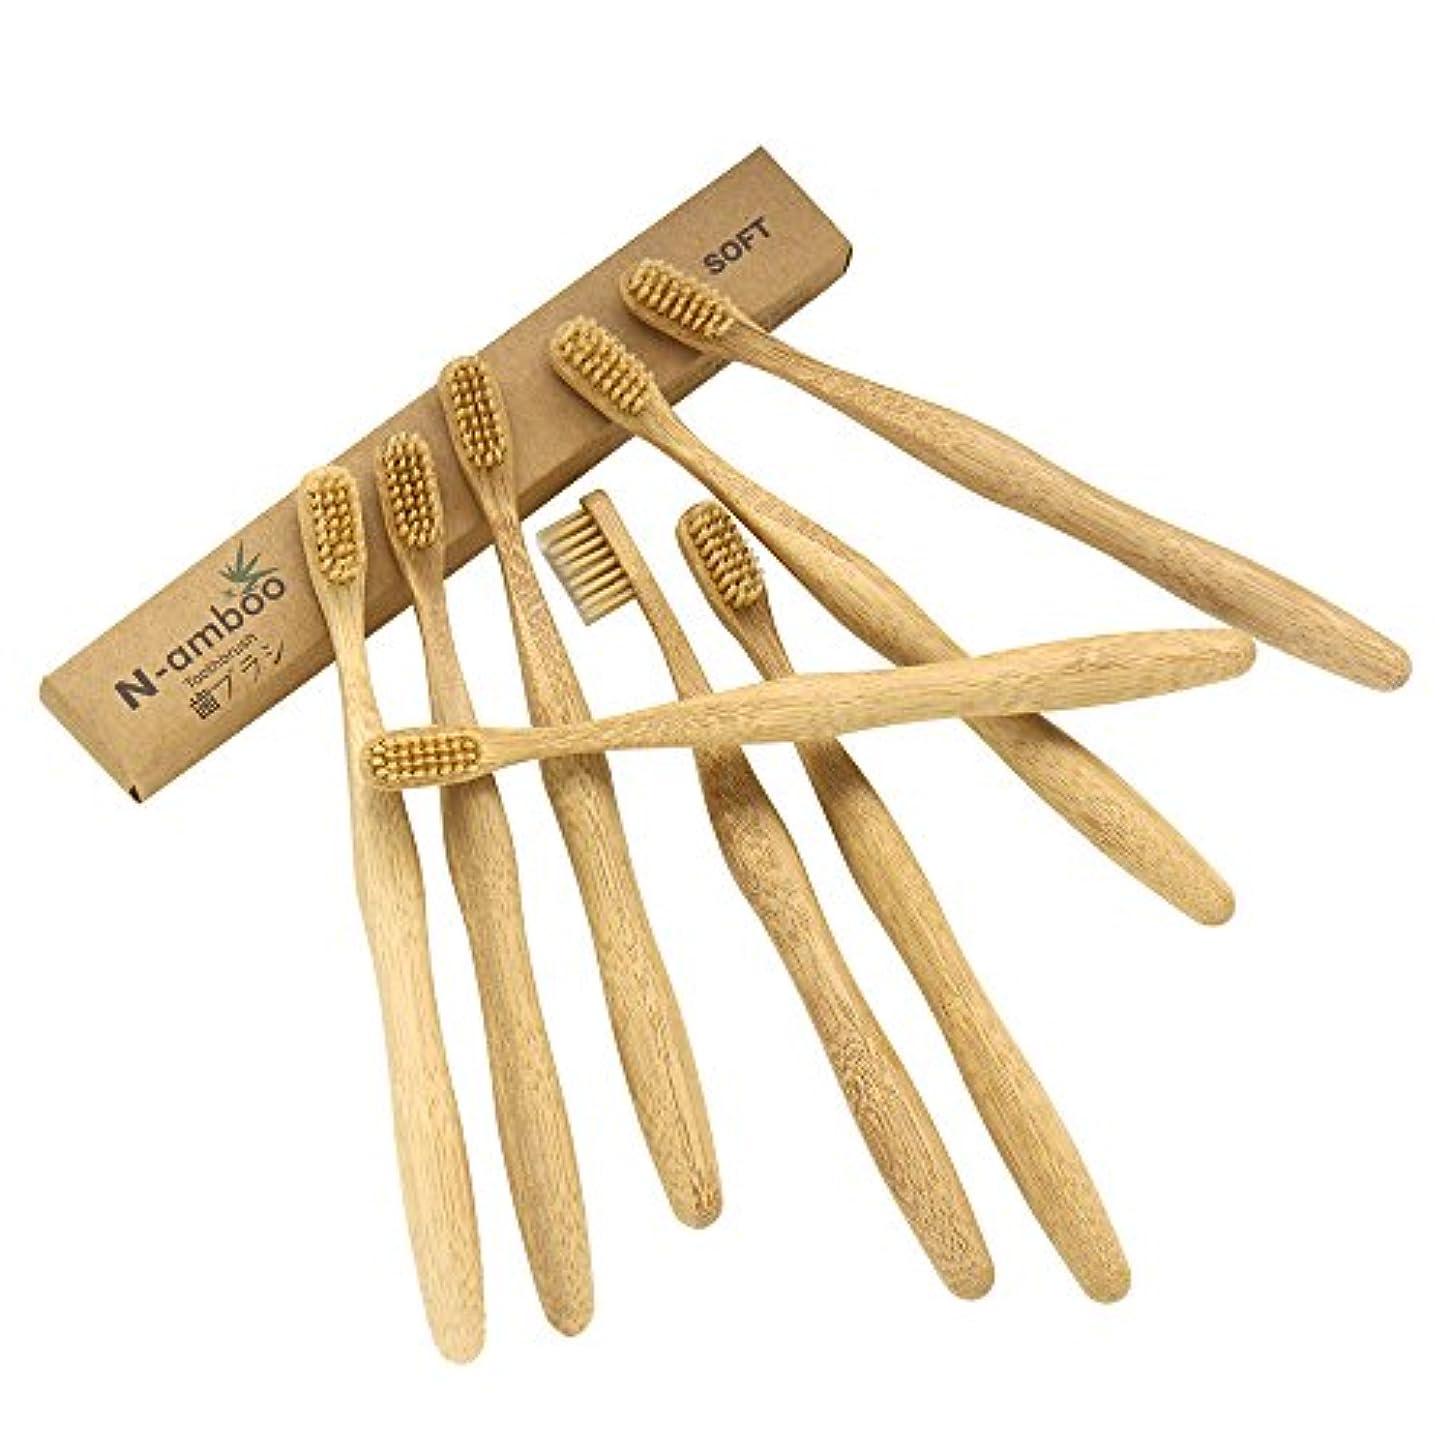 N-amboo 竹製耐久度高い 歯ブラシ ベージュ 8本入り セット